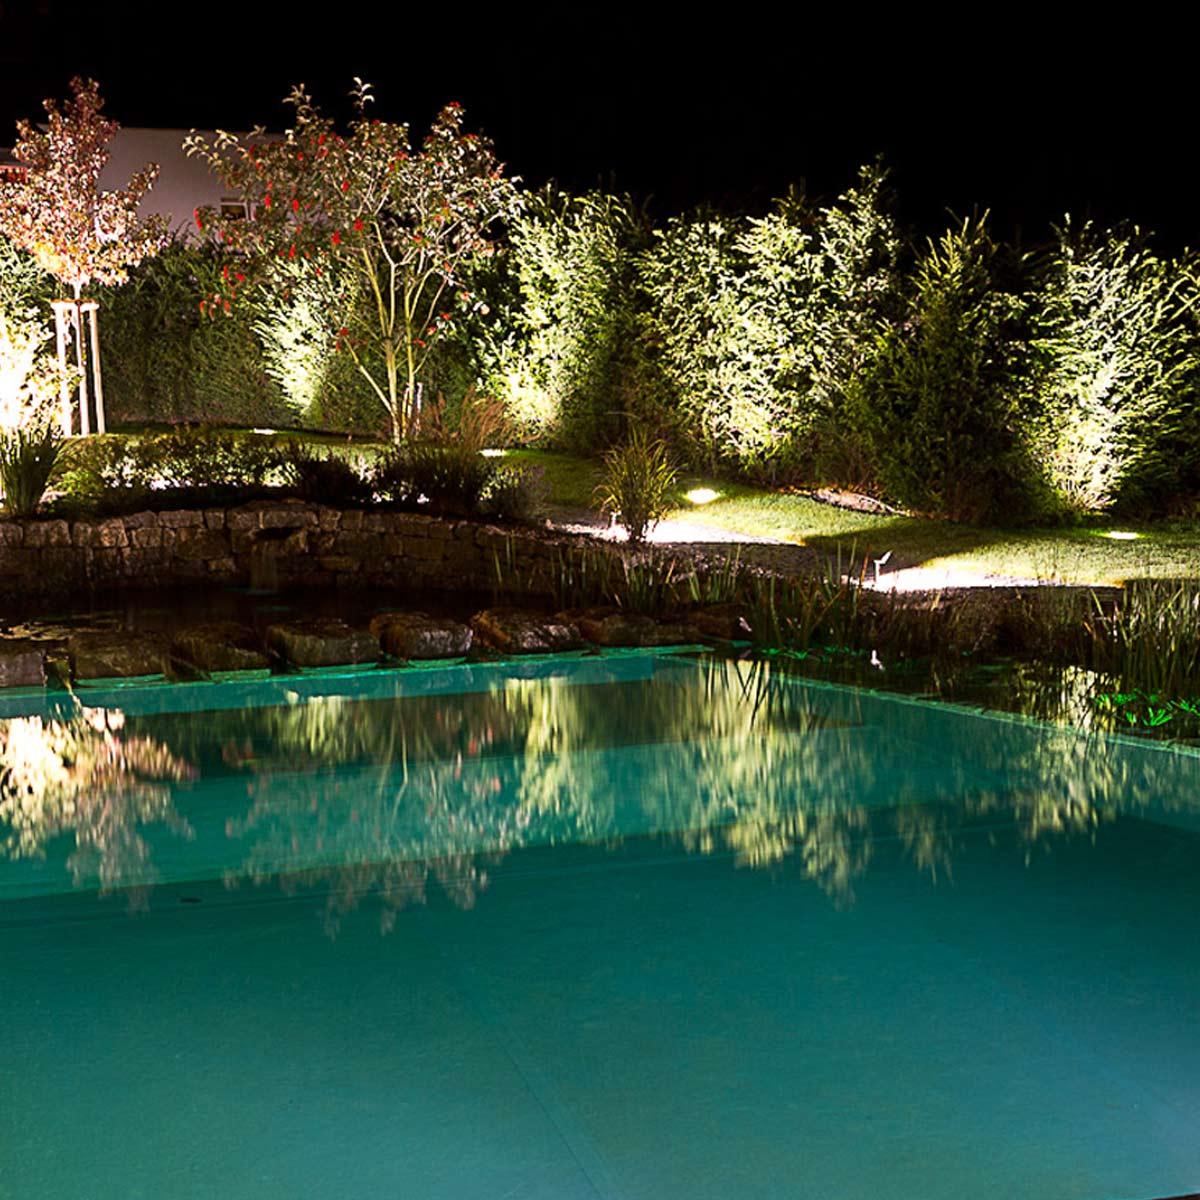 beleuchtung im garten beleuchtung garten terrasse naturstein led buddha beleuchtung garten. Black Bedroom Furniture Sets. Home Design Ideas